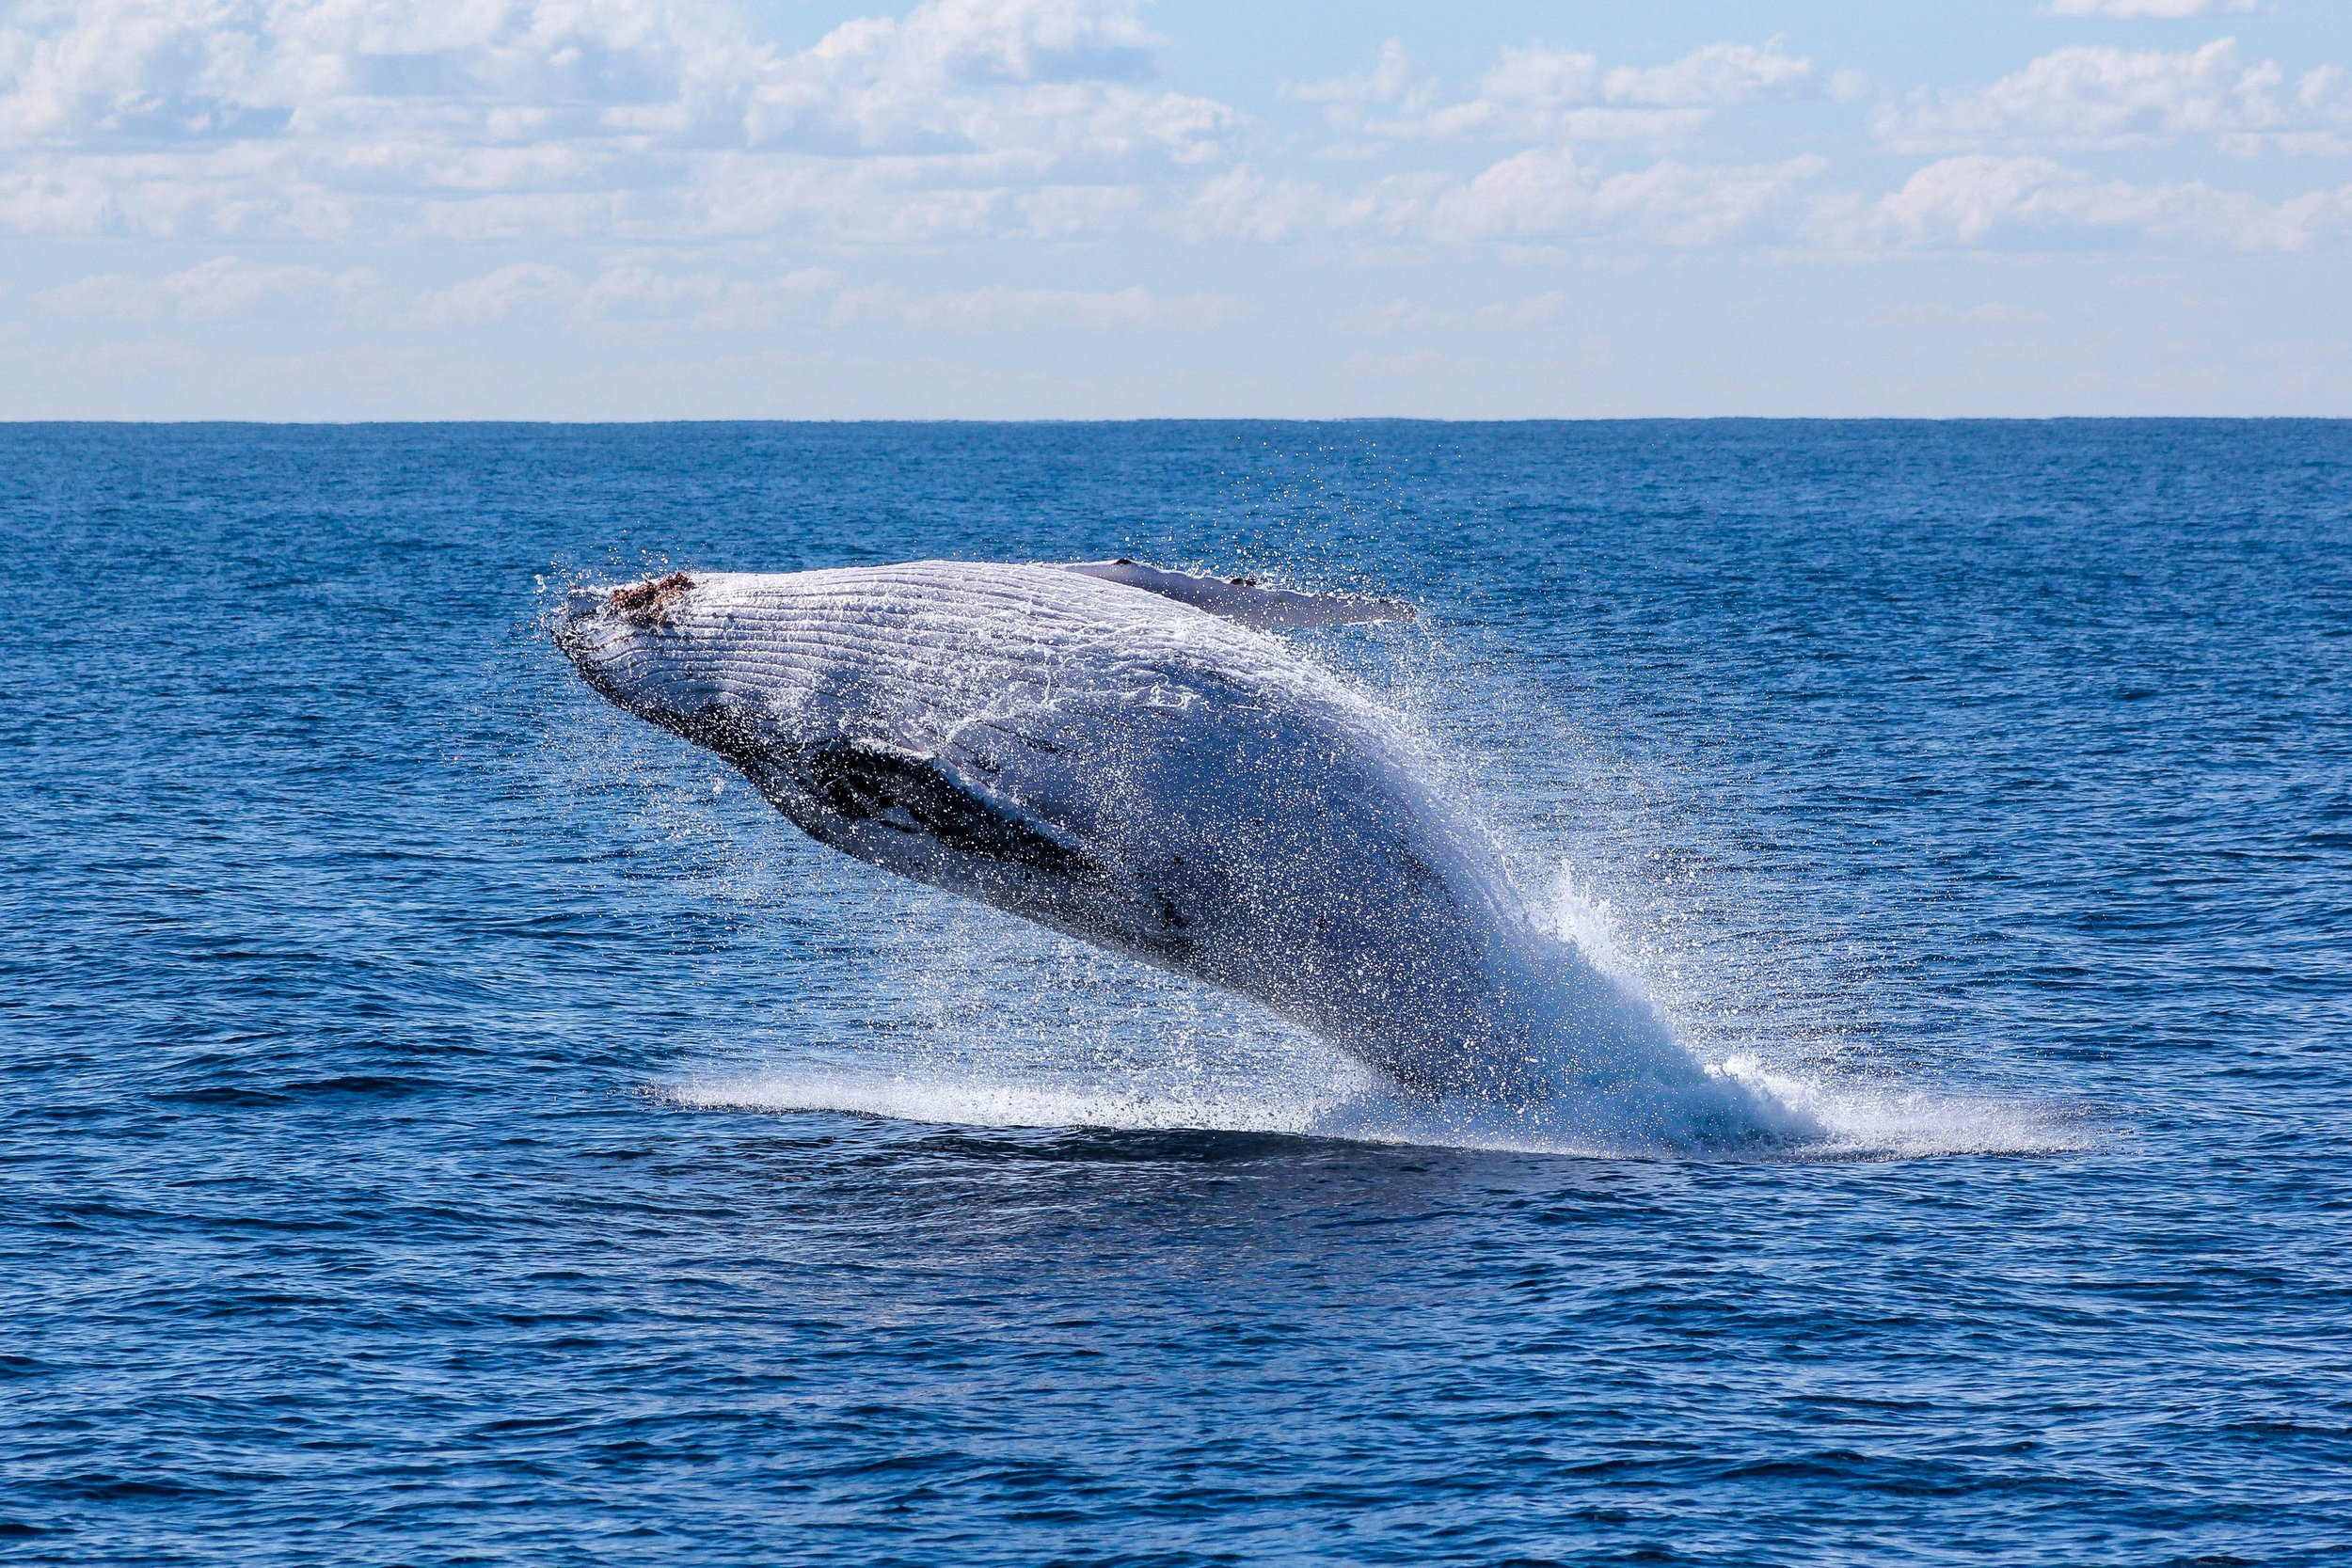 Blue_Soul_Maui_Outrigger_Canoe_Whale_Watch_8.jpg